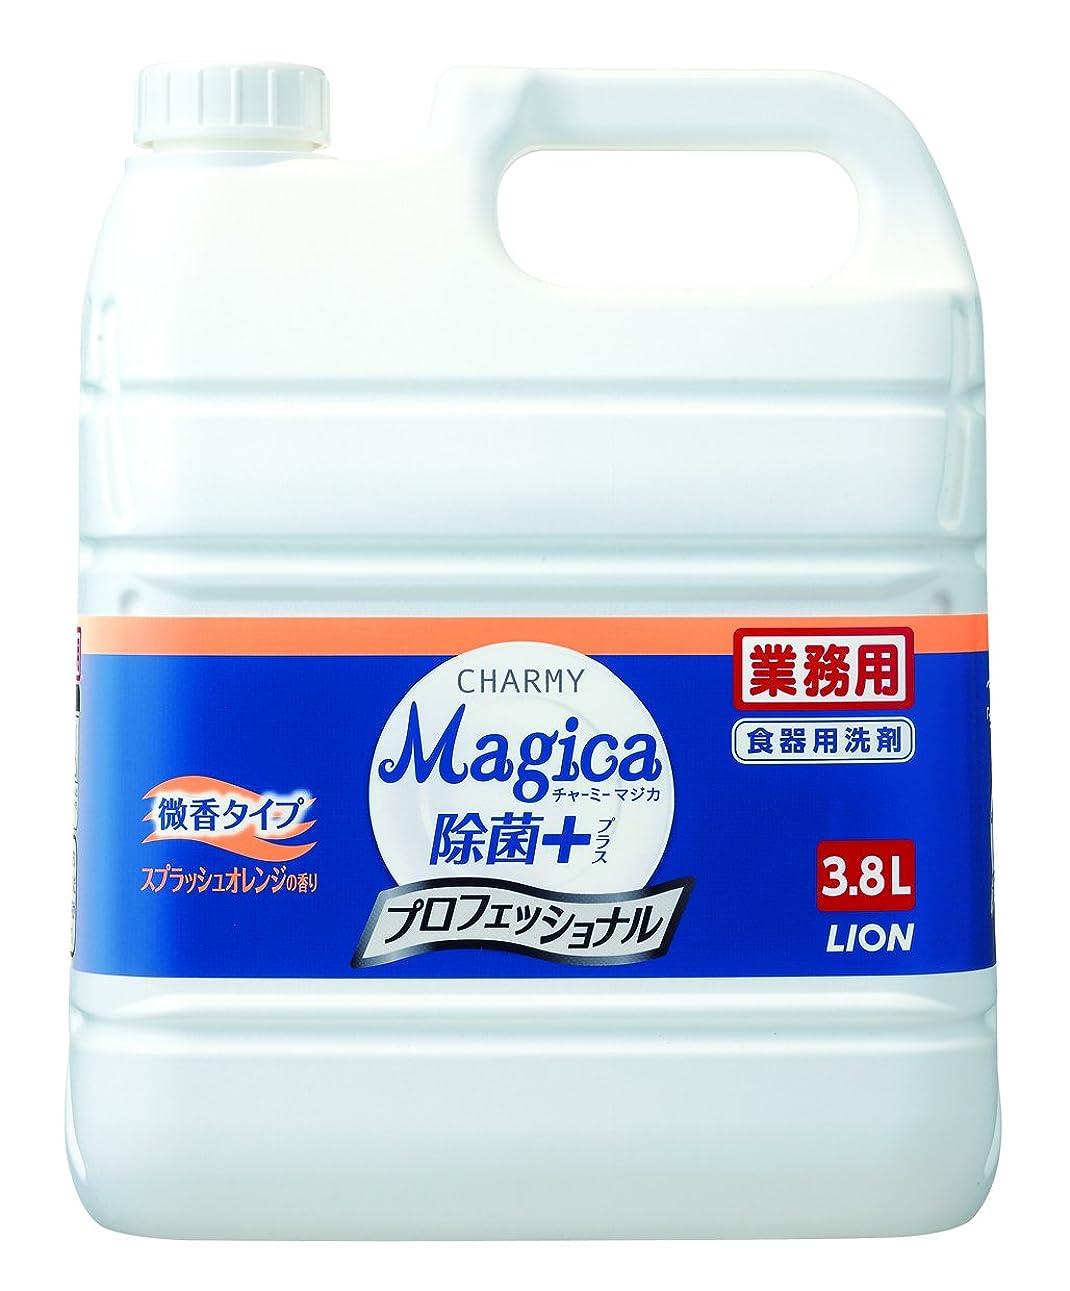 ブラウズ優先権頬骨【業務用 大容量】CHARMY Magica除菌プラスプロフェッショナル微香スプラッシュオレンジの香り3.8L食器用洗剤